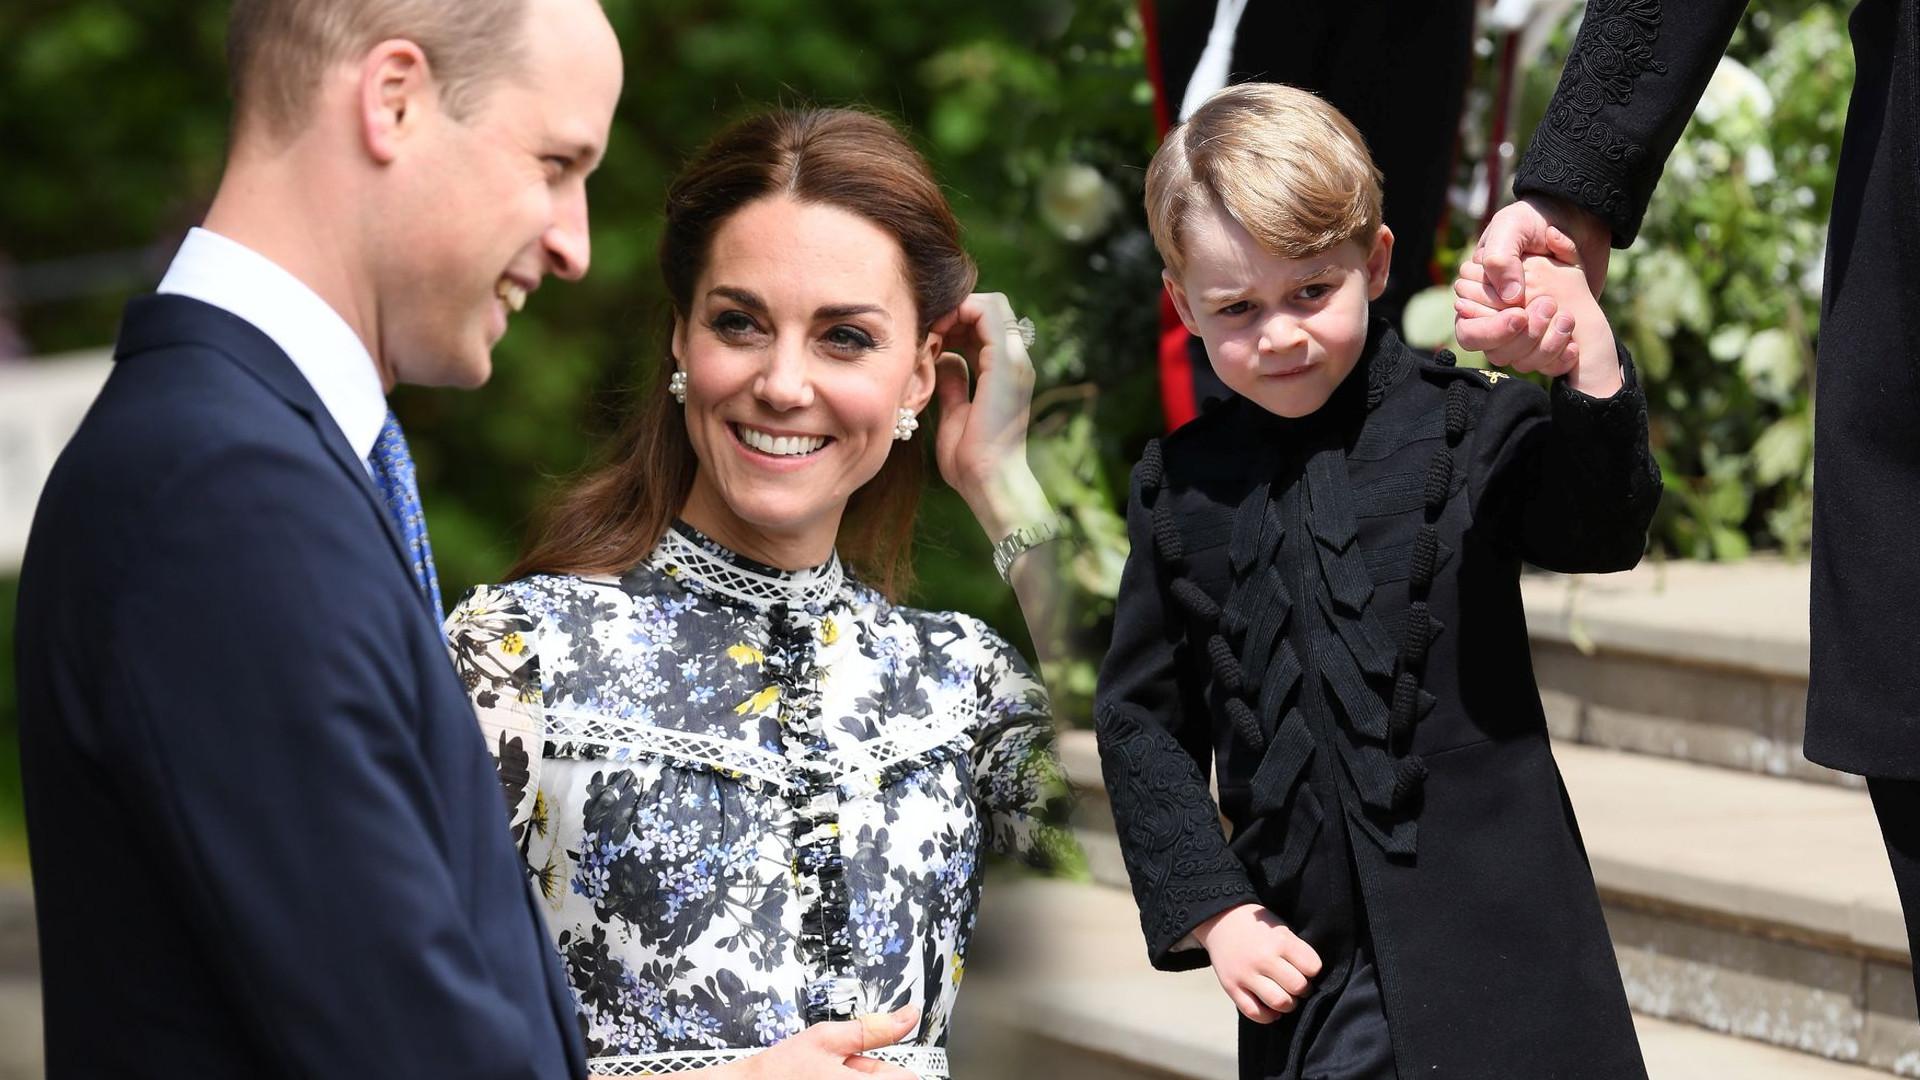 OTO dlaczego księżna Kate i książę William wybierają wciąż TO SAMO miejsce na urlop